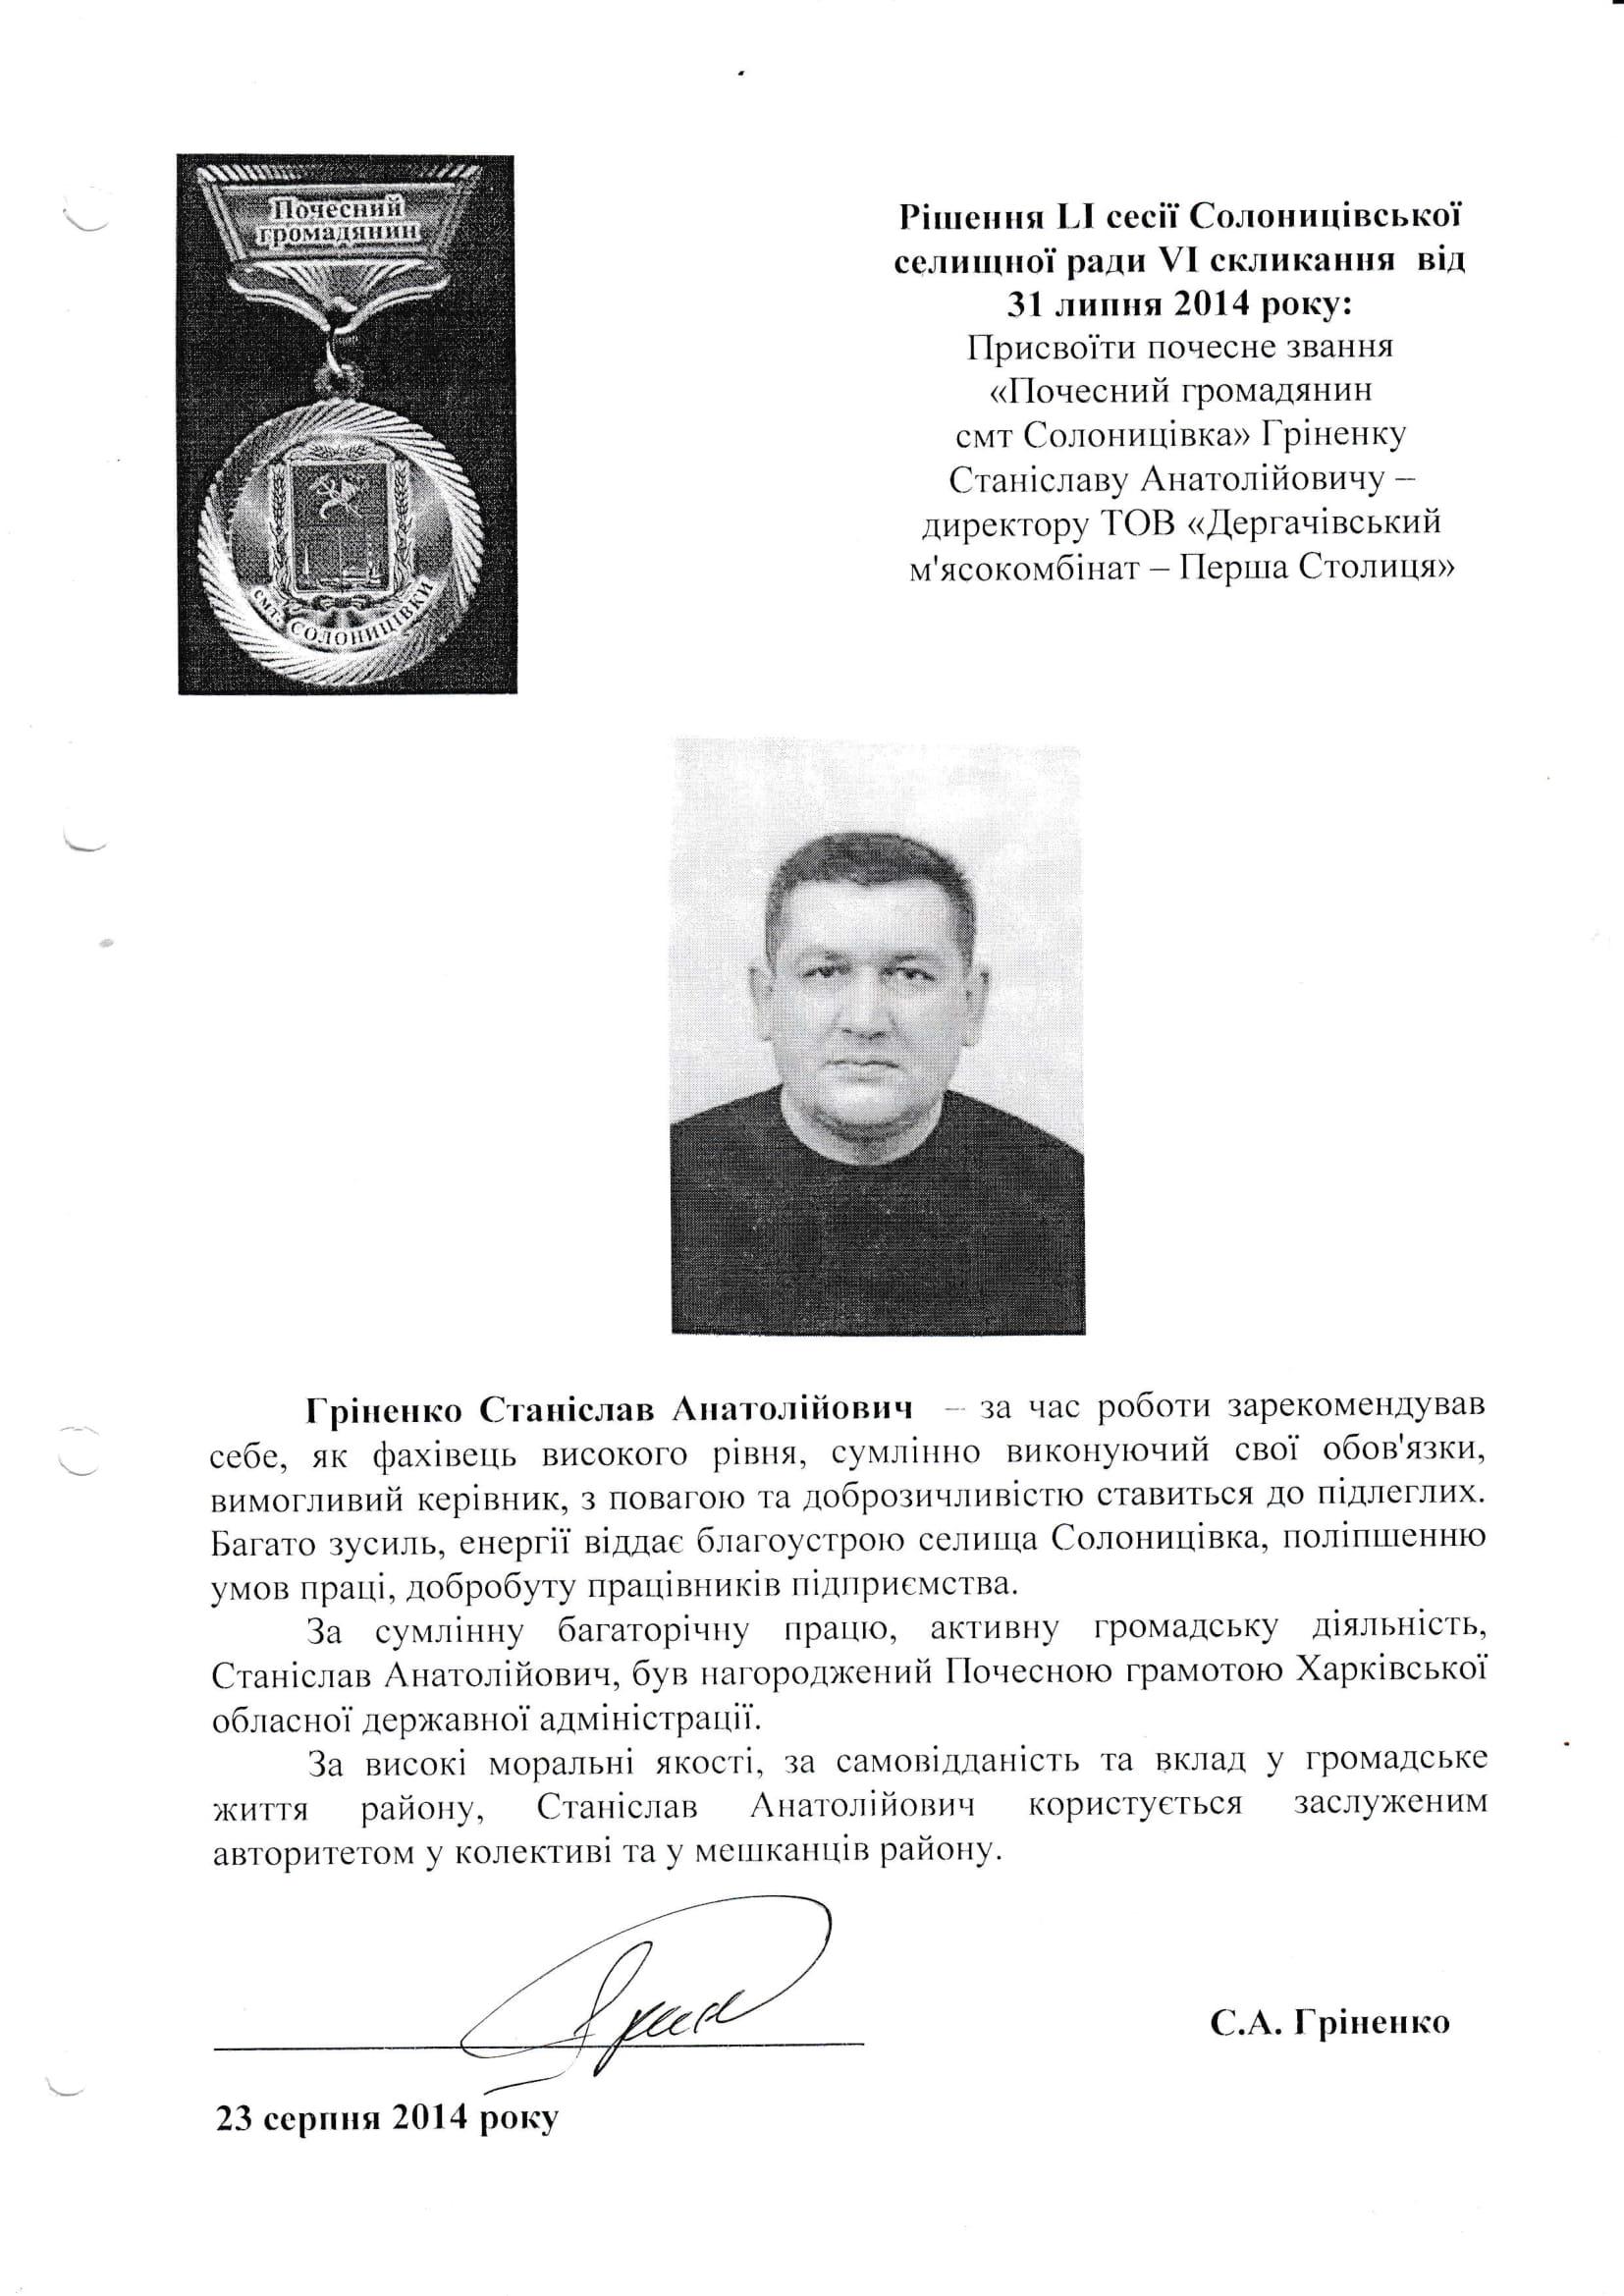 Гріненко Станіслав Анатолійович